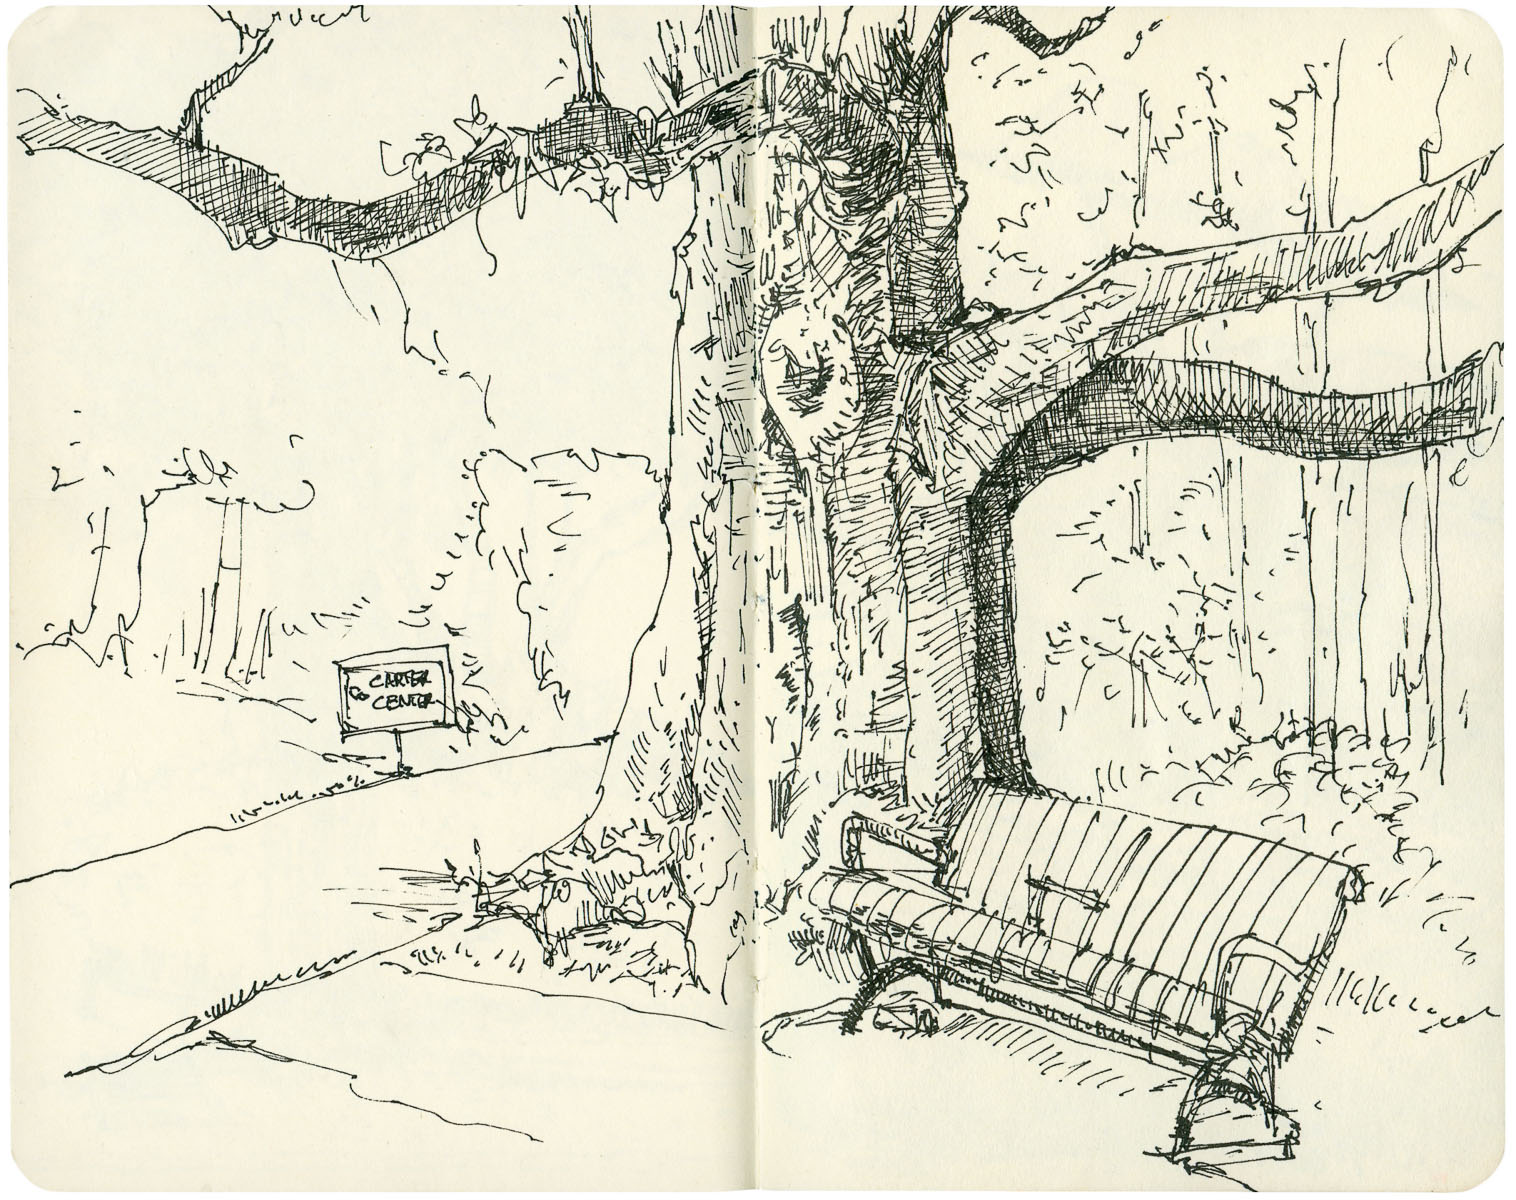 Sketchbook: Rest Stop